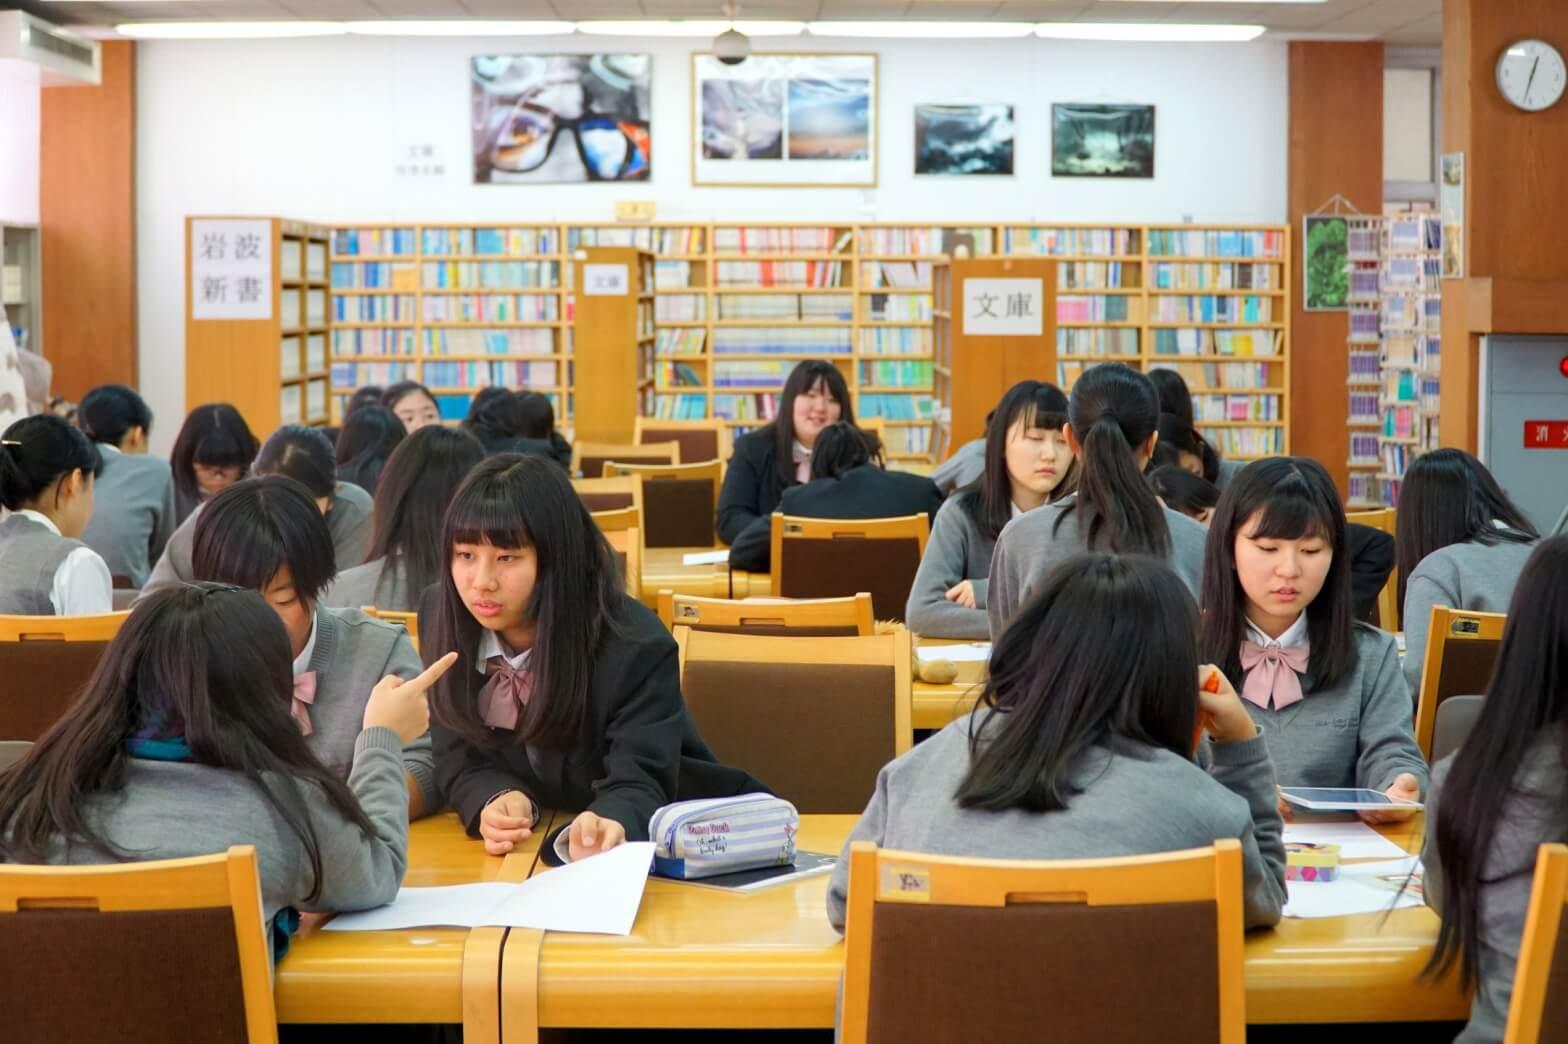 図書室でグローバルな探究学習をしている生徒たち